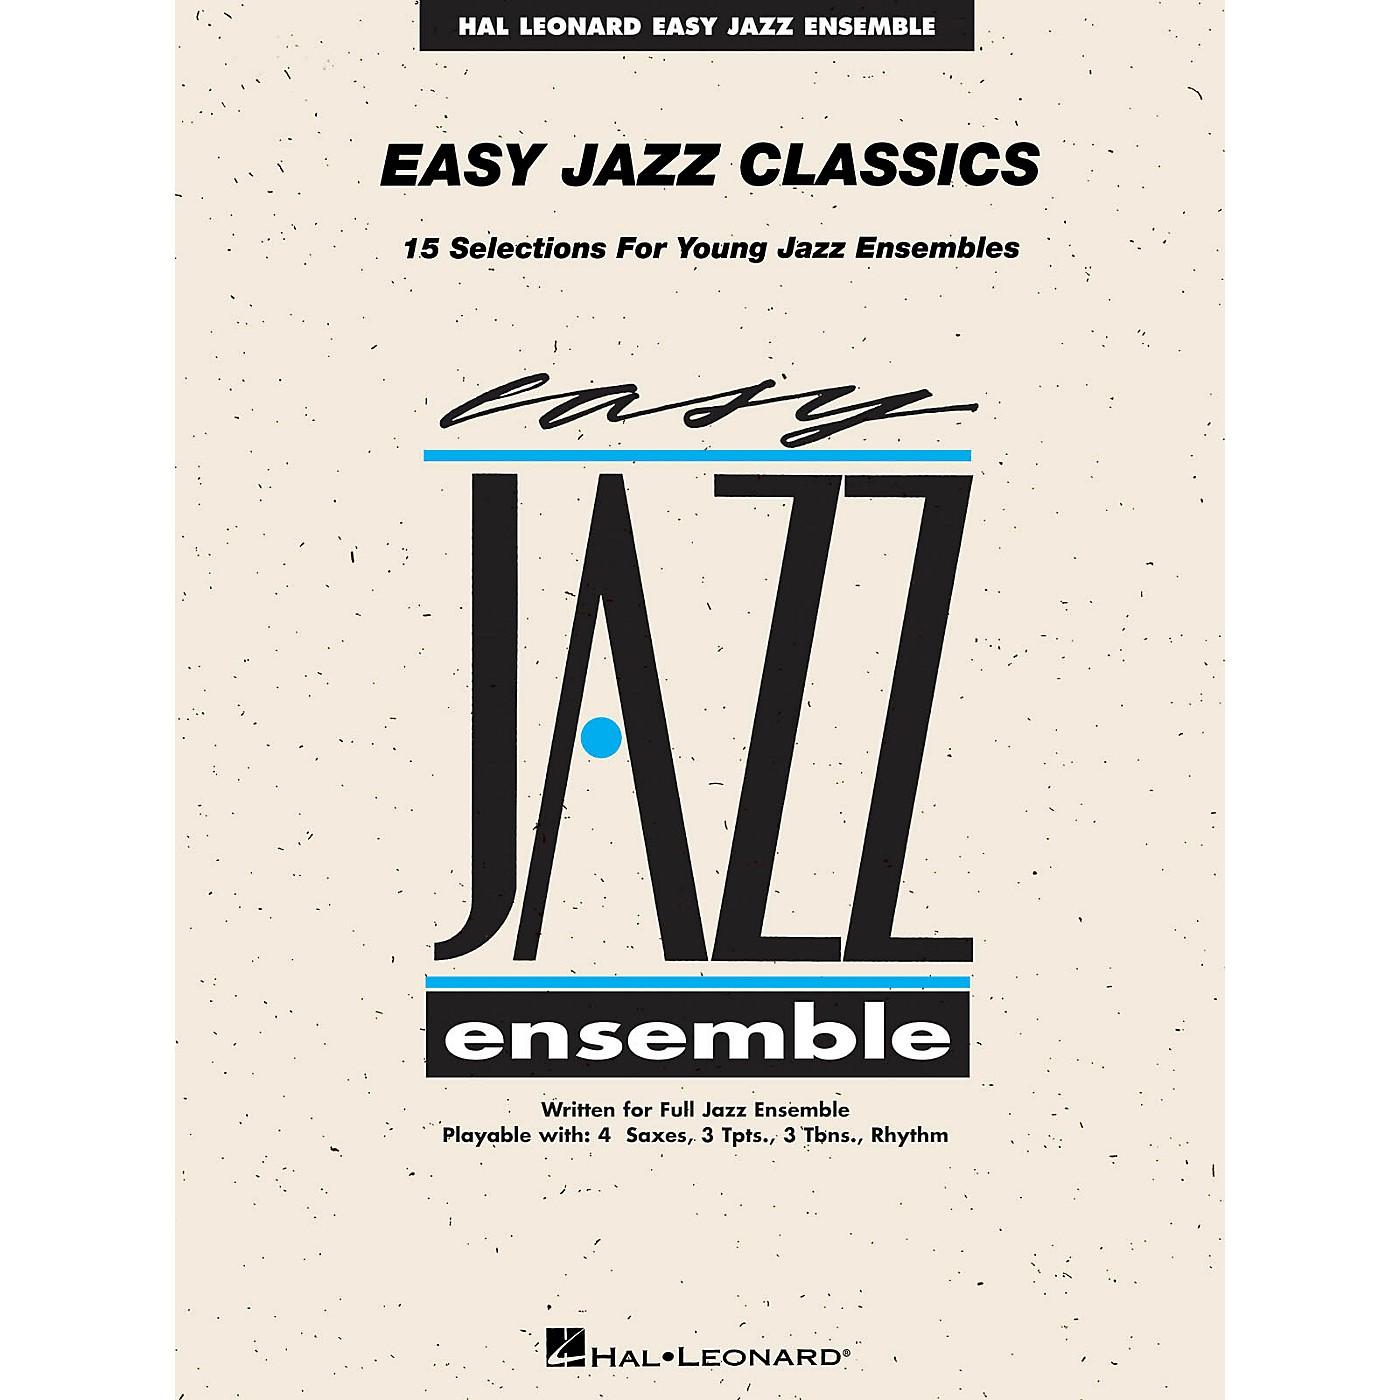 Hal Leonard Easy Jazz Classics - Piano Jazz Band Level 2 thumbnail